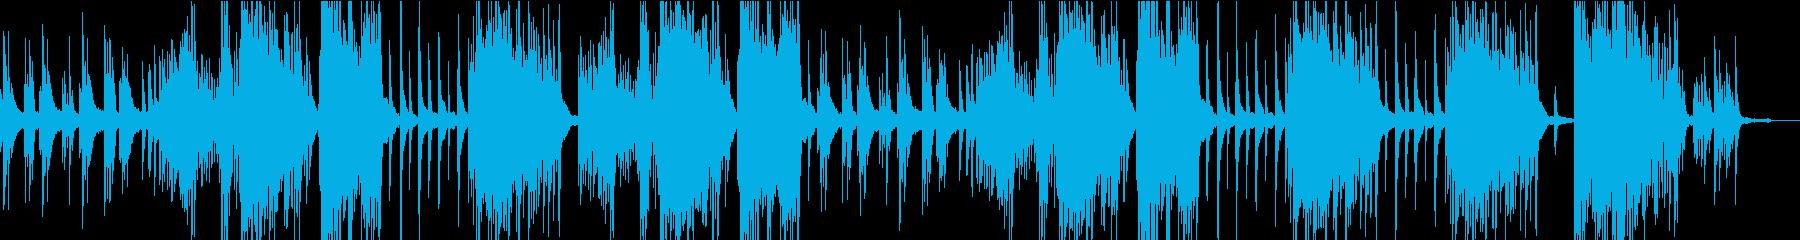 さりげない劇伴ピアノの再生済みの波形